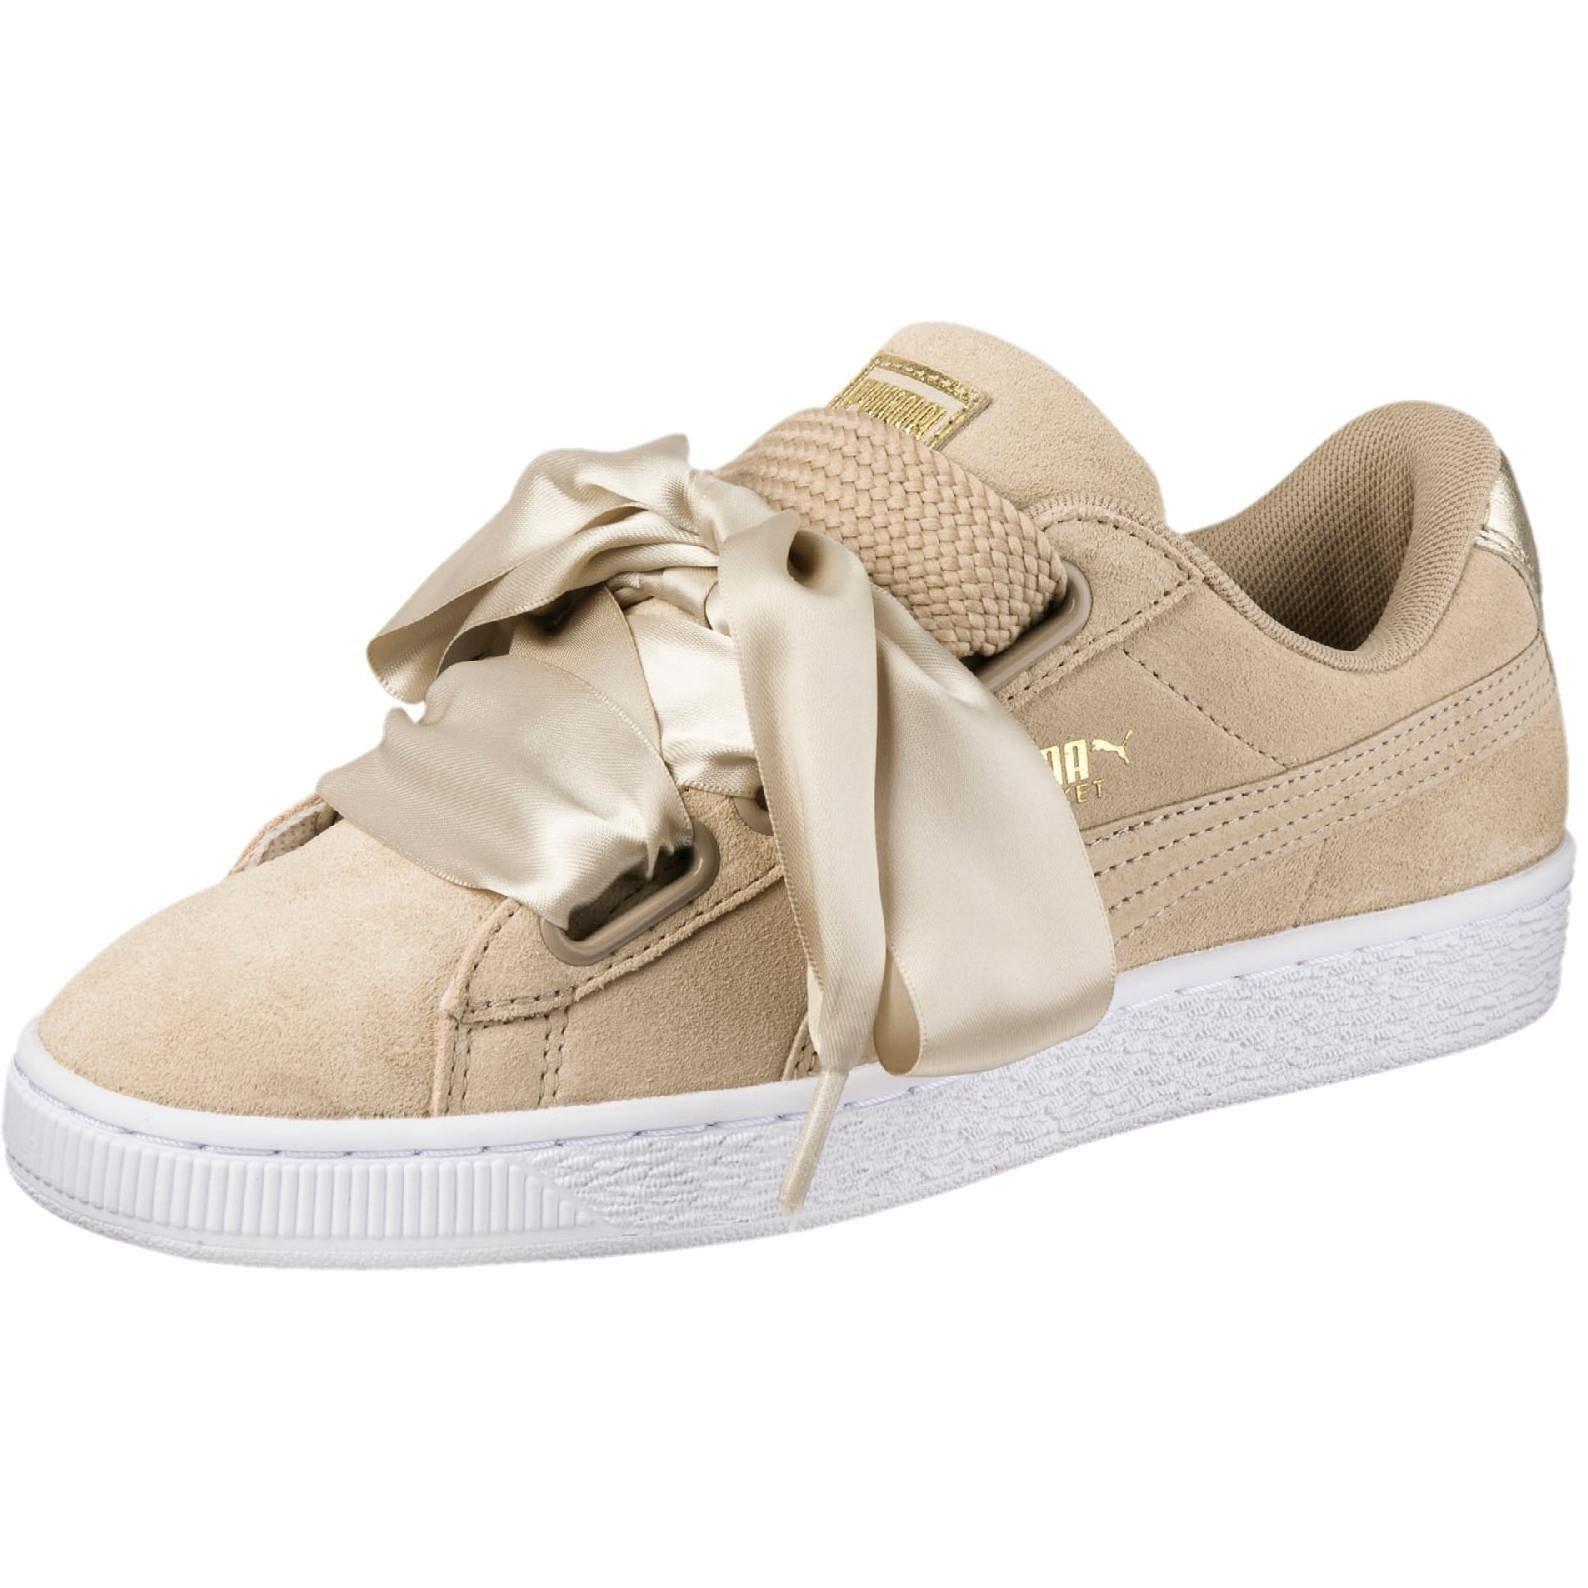 Puma Suede Heart Safari W shoes beige